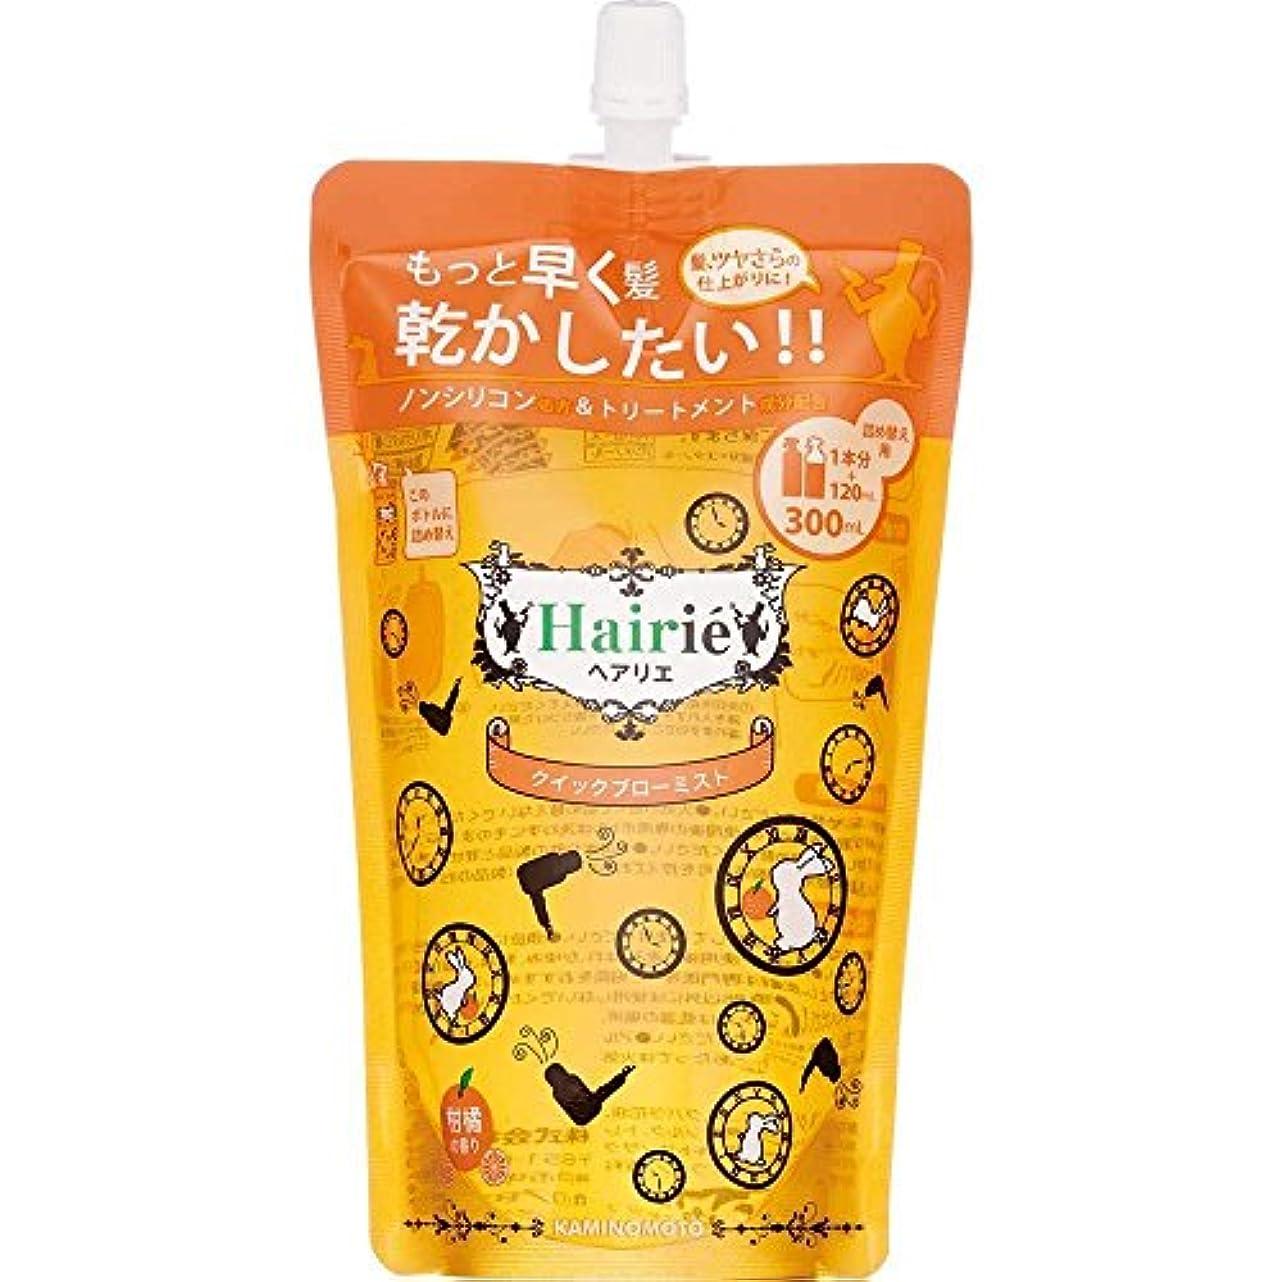 個人的な恩恵下線ヘアリエ クイックブローミスト 柑橘の香り 詰め替え 300mL×6個